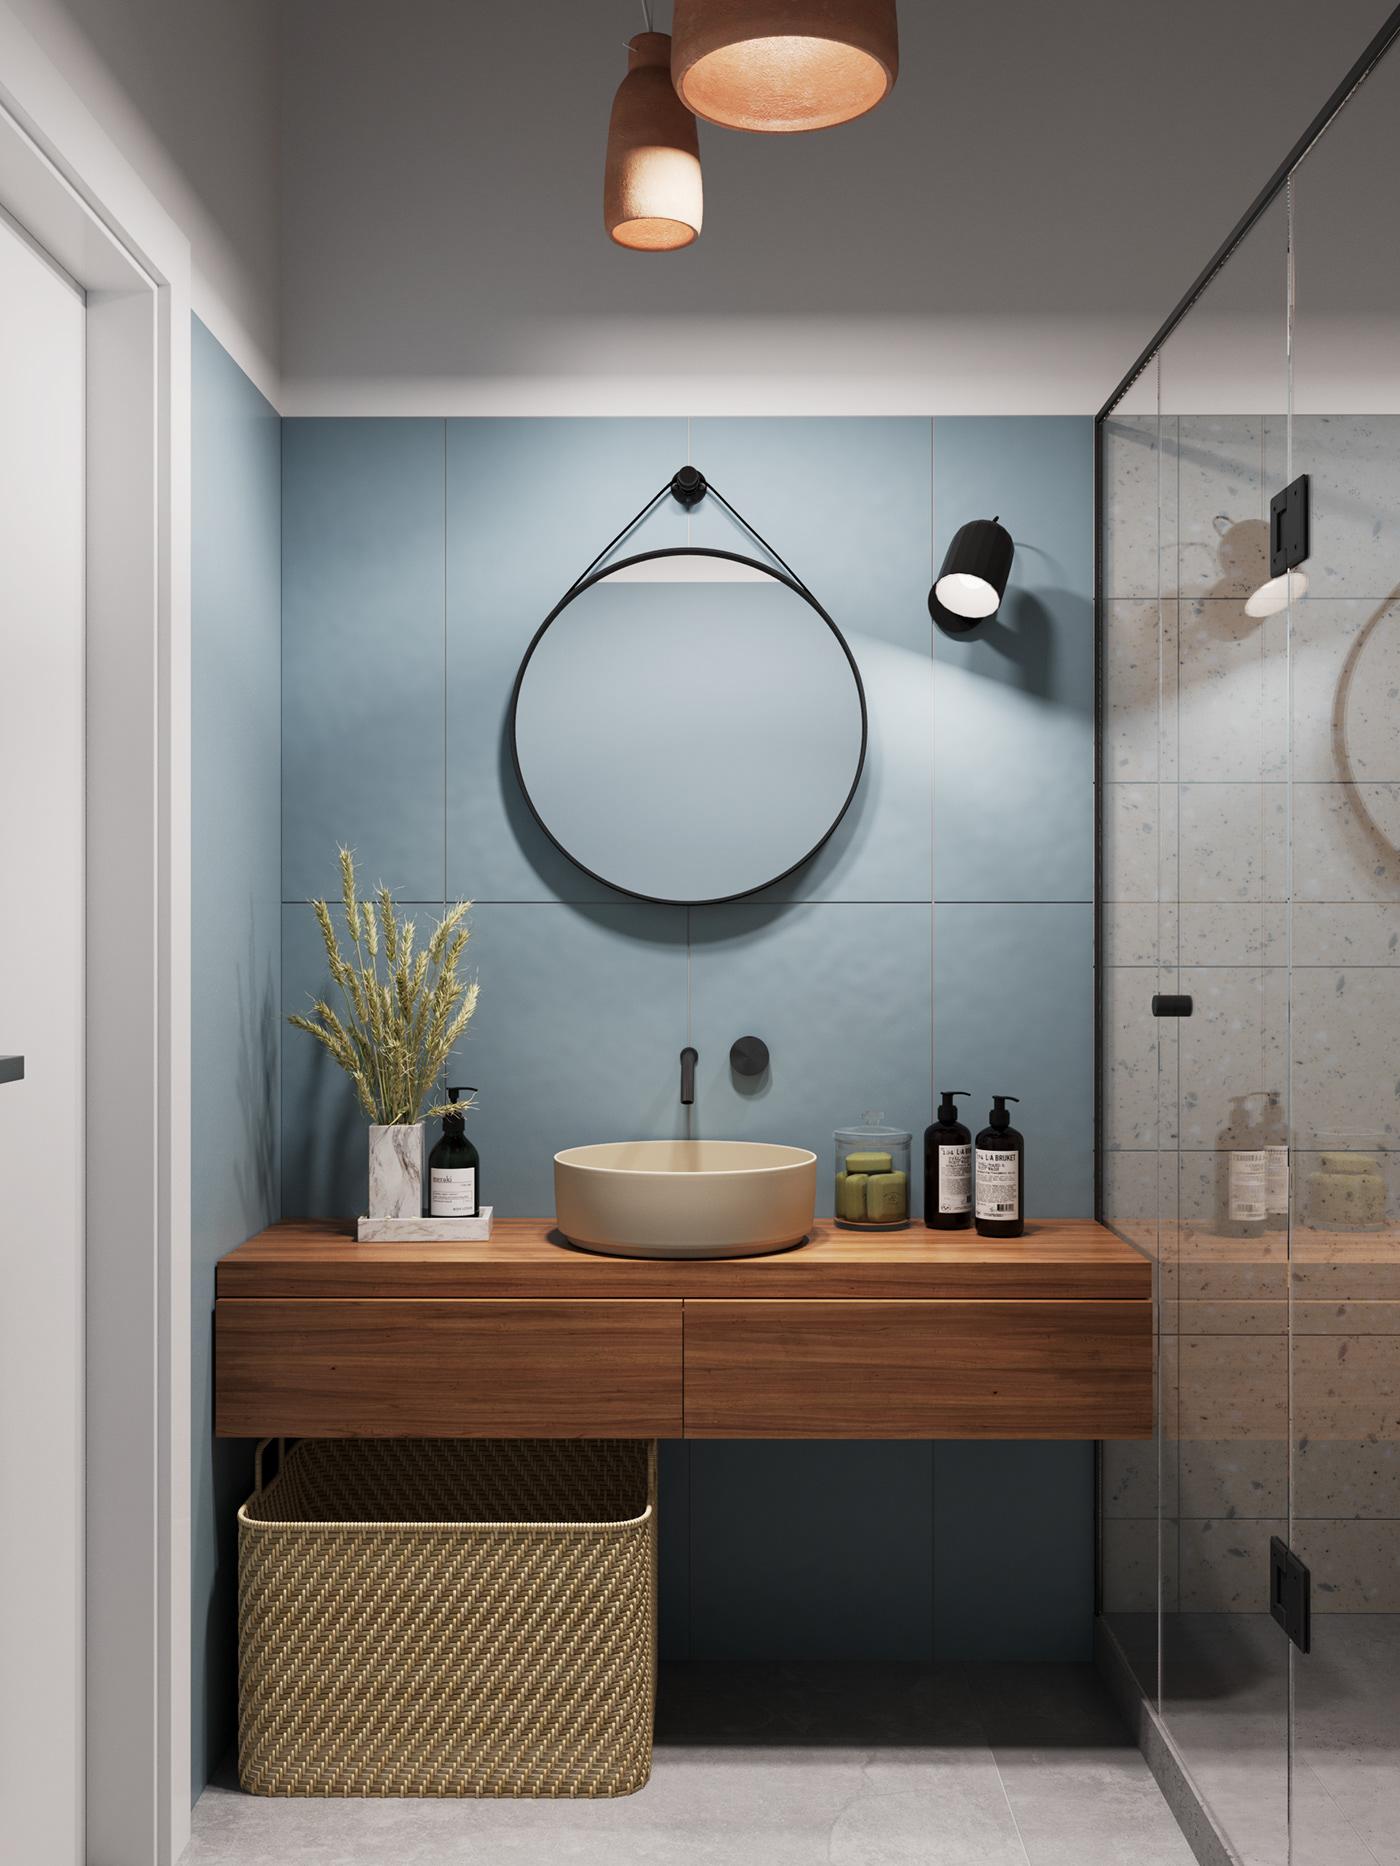 Bố trí gương dây da cho phòng tắm kích thước khiêm tốn